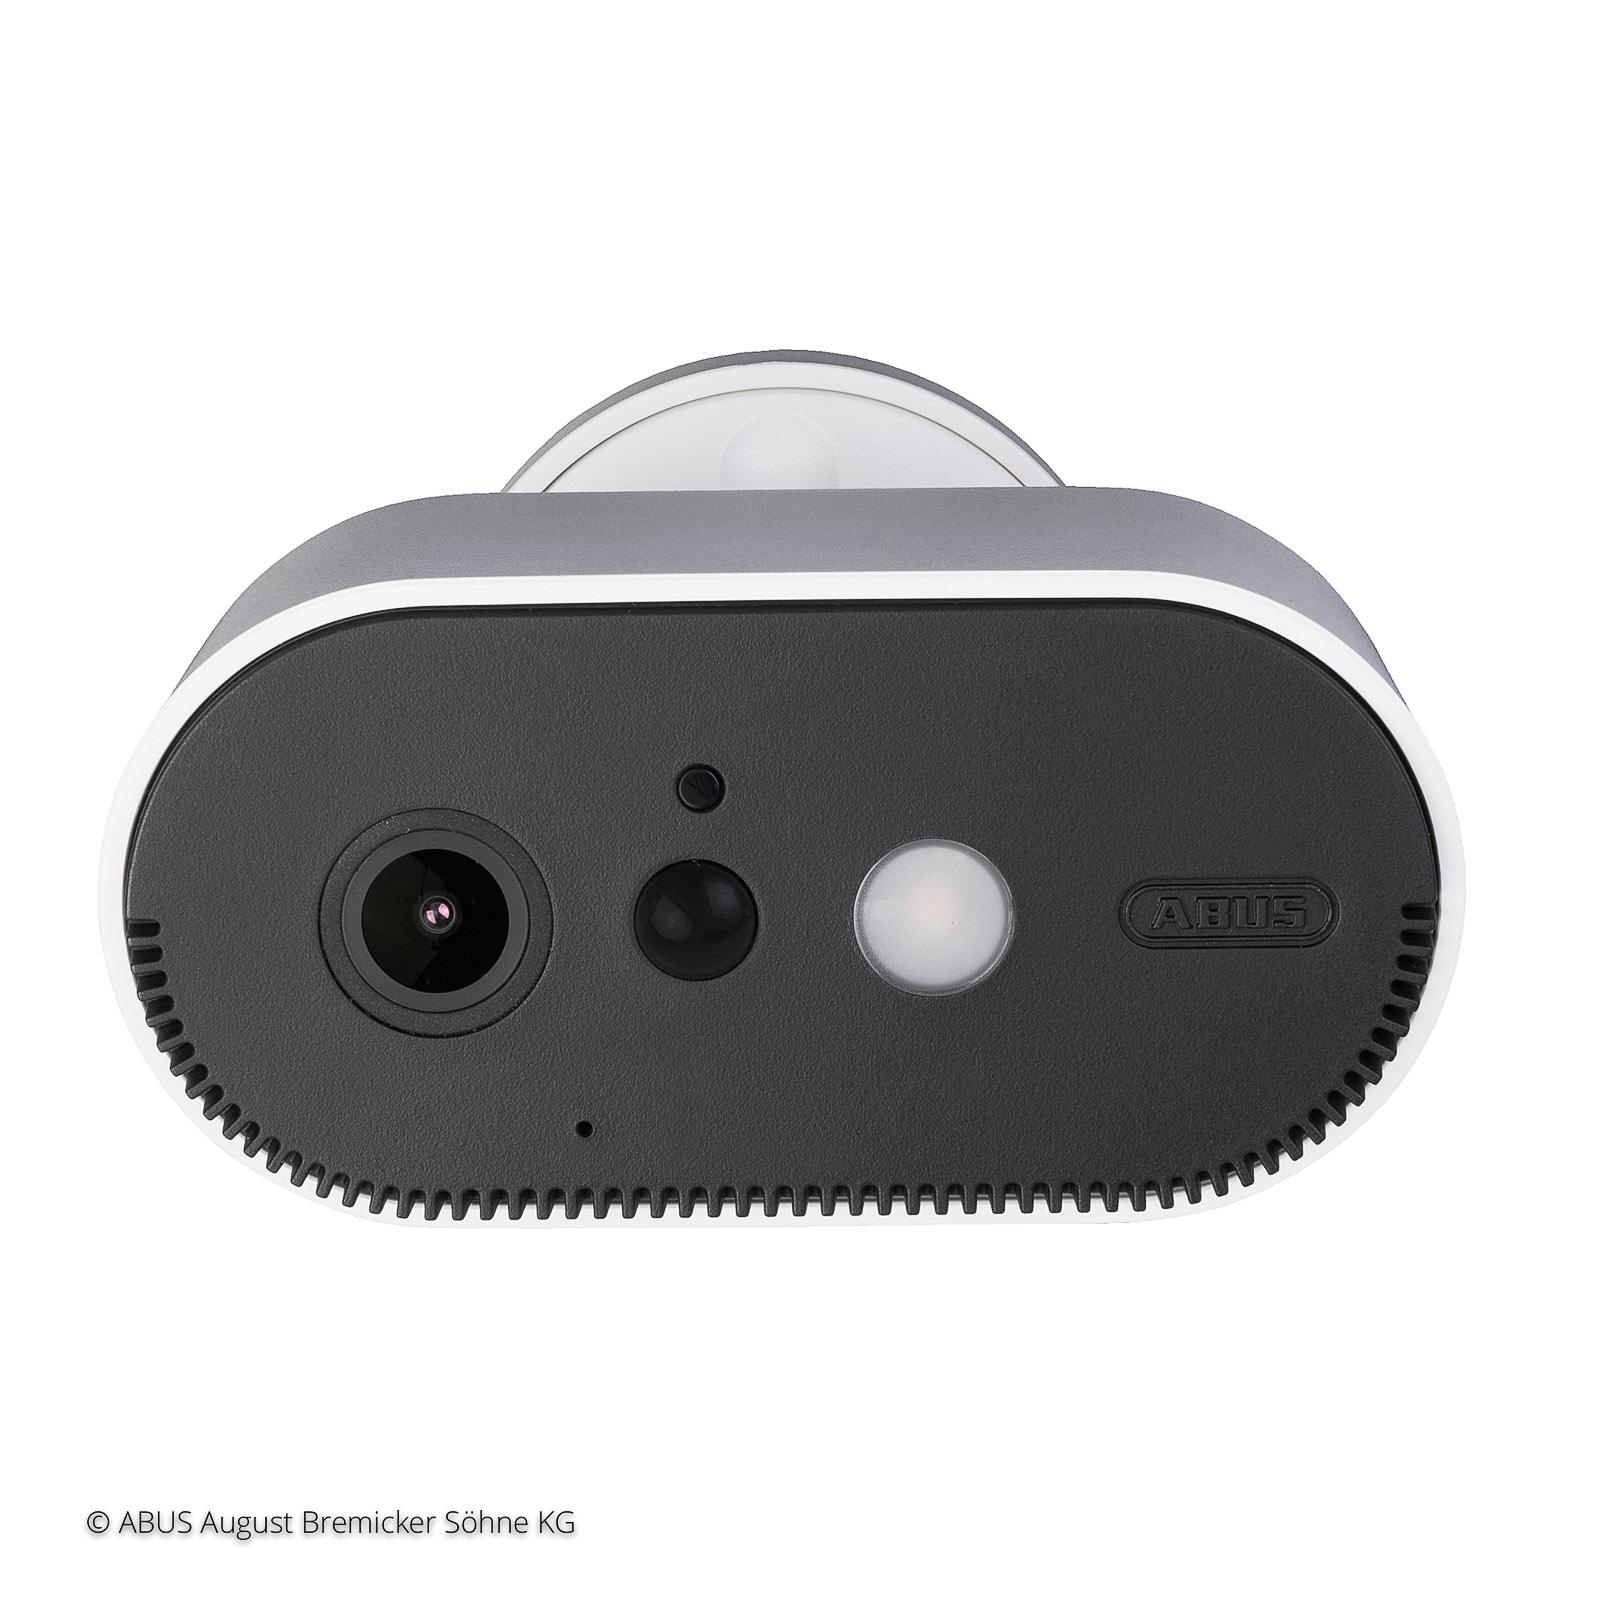 ABUS 2 caméra extérieures, batterie + station base